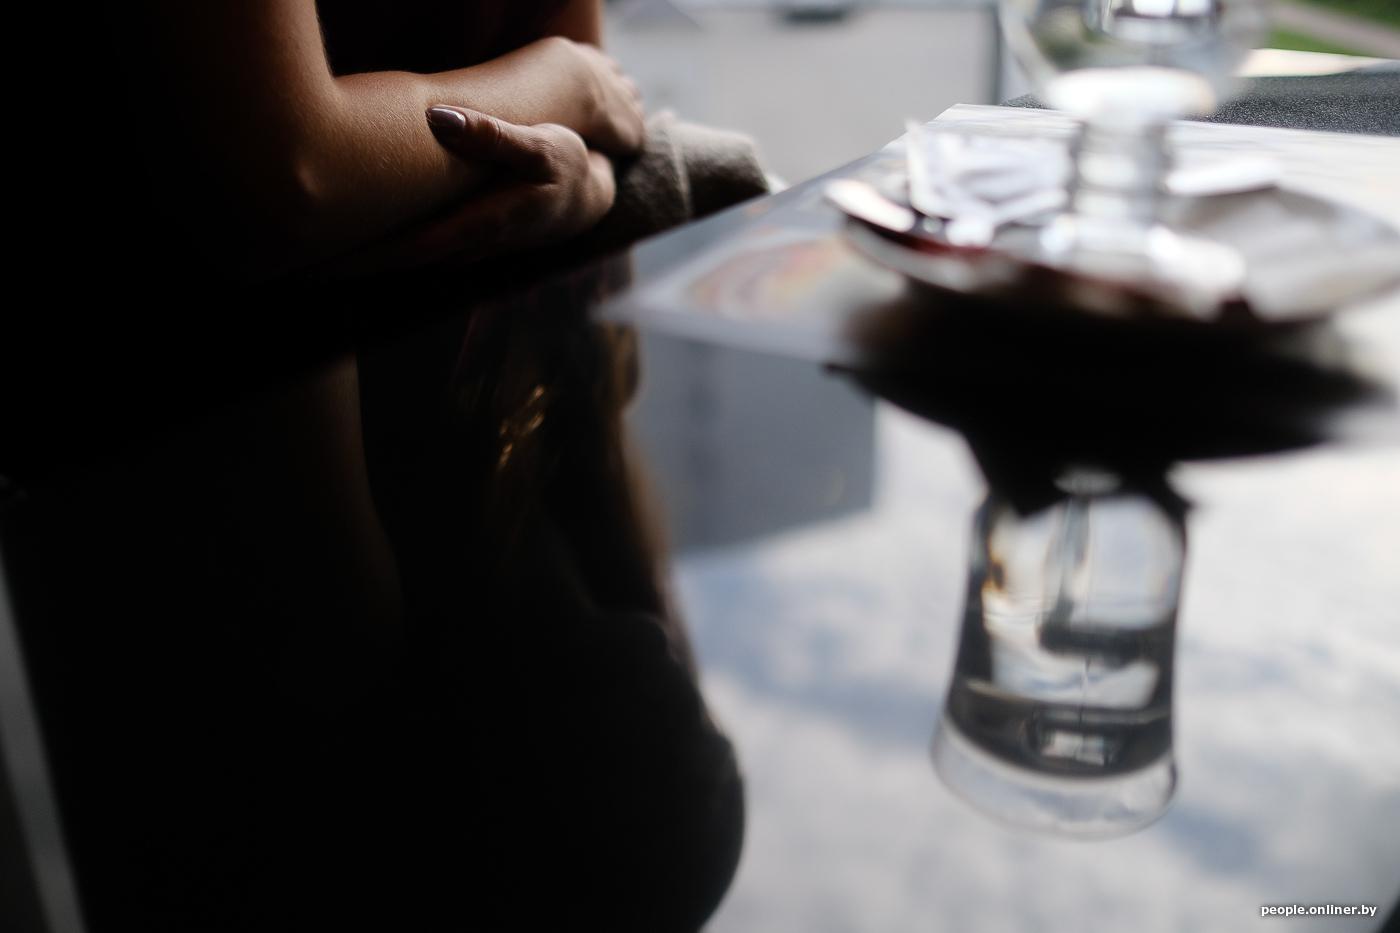 Видео как девушке заливают пиво в задний проход